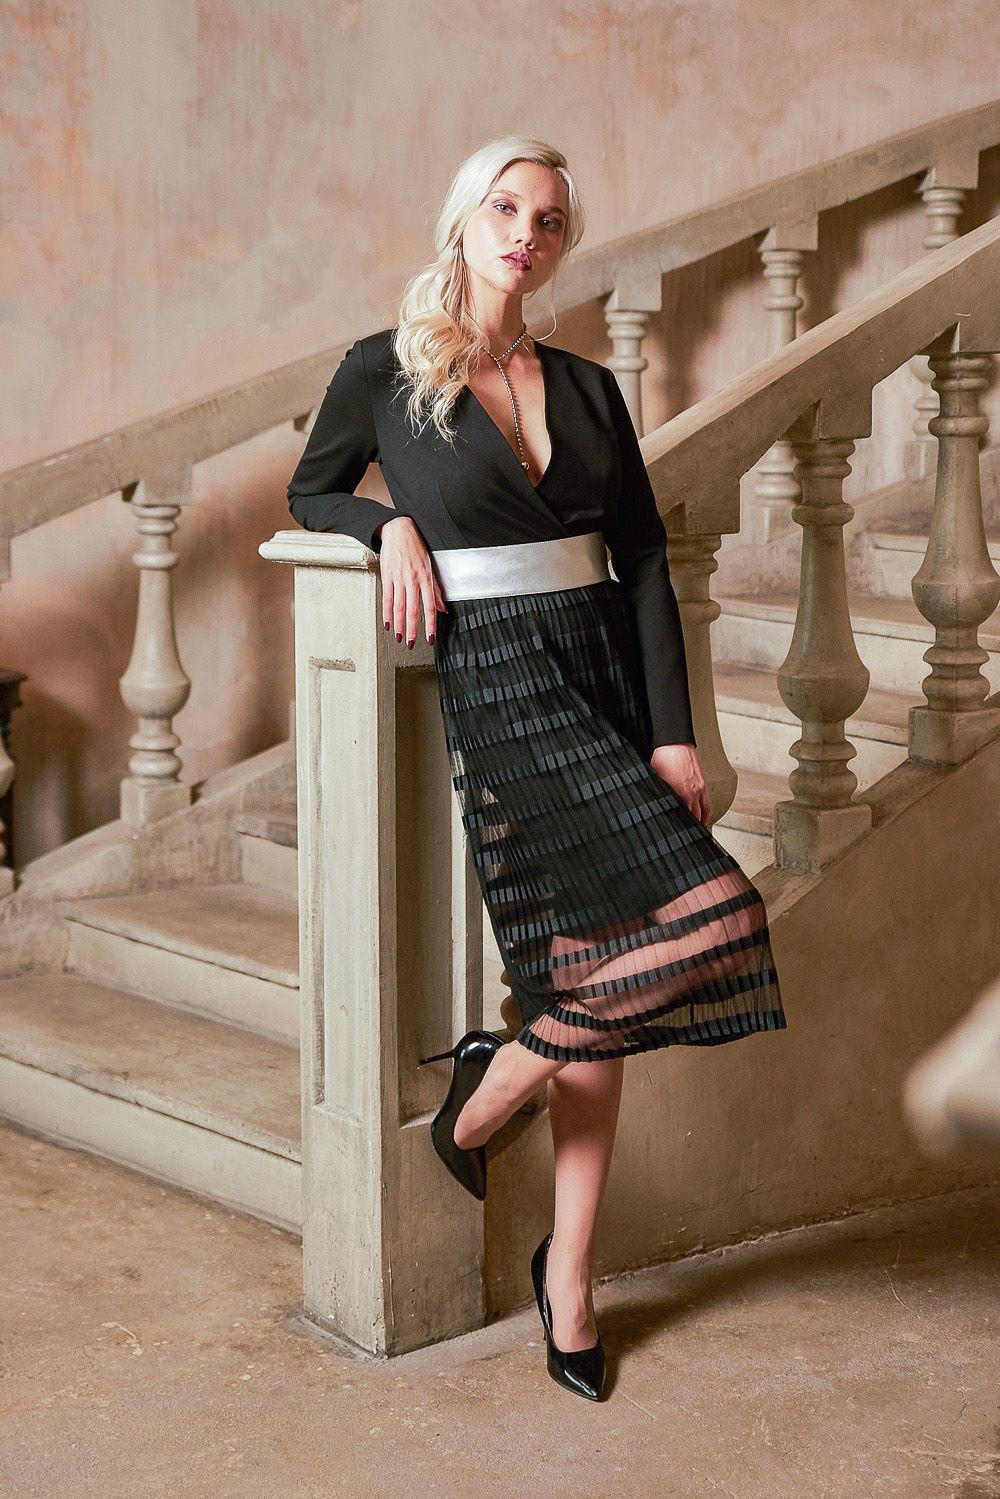 Платье З416а-214 - Подчеркивающий фигуру топ платья с углубленным завораживающим V-образным вырезом на декольте гармонирует с двойной юбкой. Контрастный пояс эффектно выделяет талию на общем фоне платья темного спокойного цвета.Воздушный прозрачный верхний слой юбки загадочно приоткрывает красоту женских ног. Платье великолепно смотрится на любой фигуре. Особенно подойдет обладательницам узких бедер – гофрированная юбка визуально прибавит объема в нужных местах.Стильное и эффектное платье придаст женственную броскость вашему облику